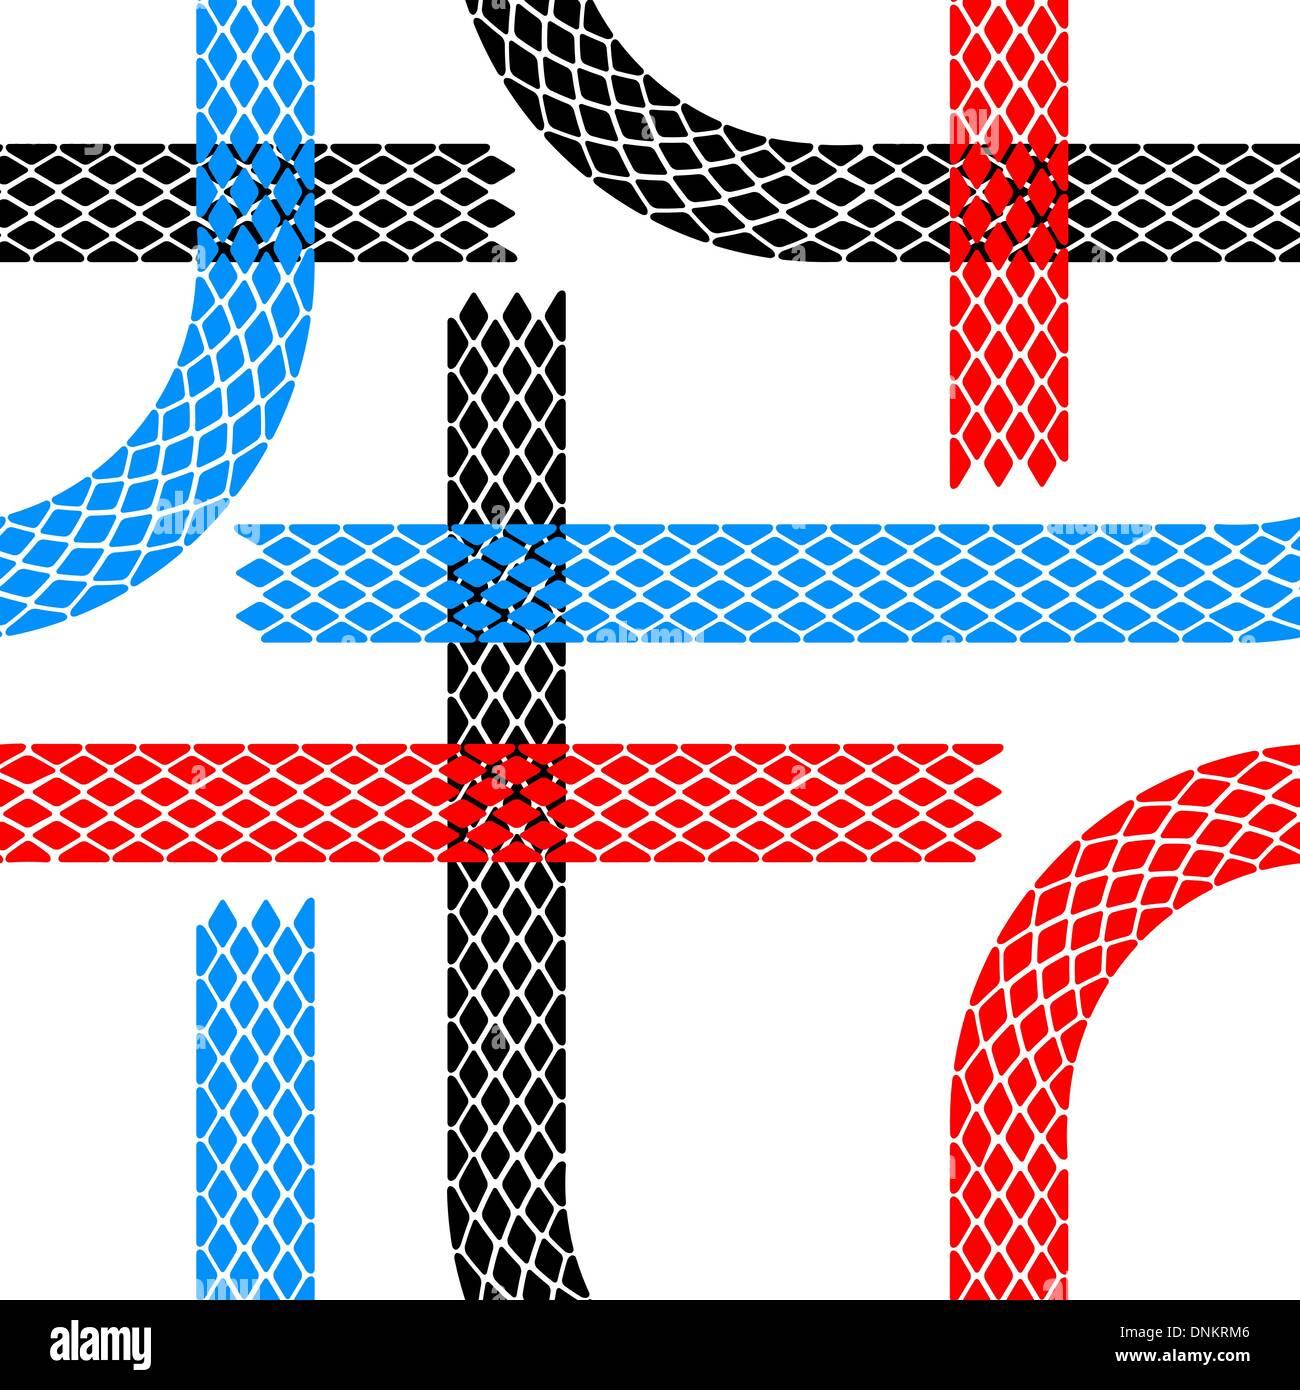 Papier peint sans traces de pneu pattern illustration vector background Photo Stock